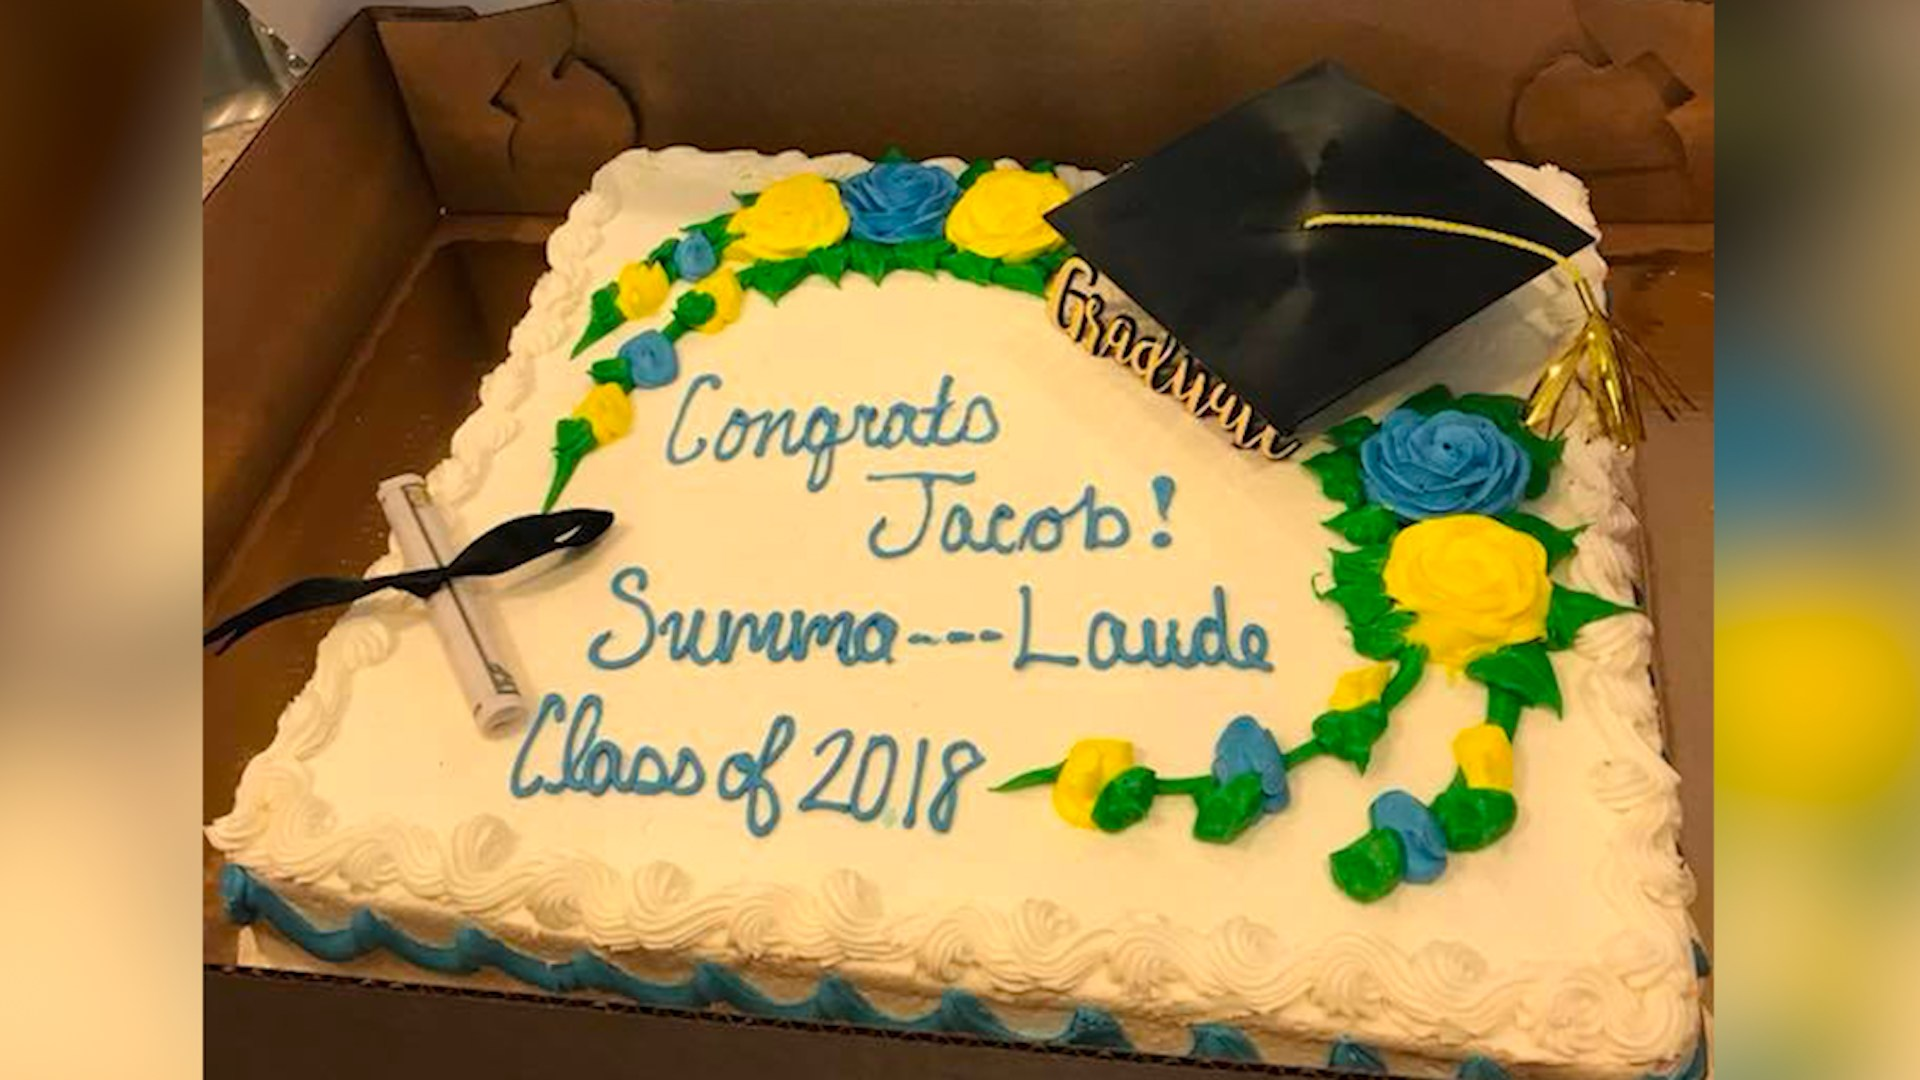 Proud mom orders 'Summa Cum Laude' cake online. Publix censors it to 'Summa . . .  Laude.